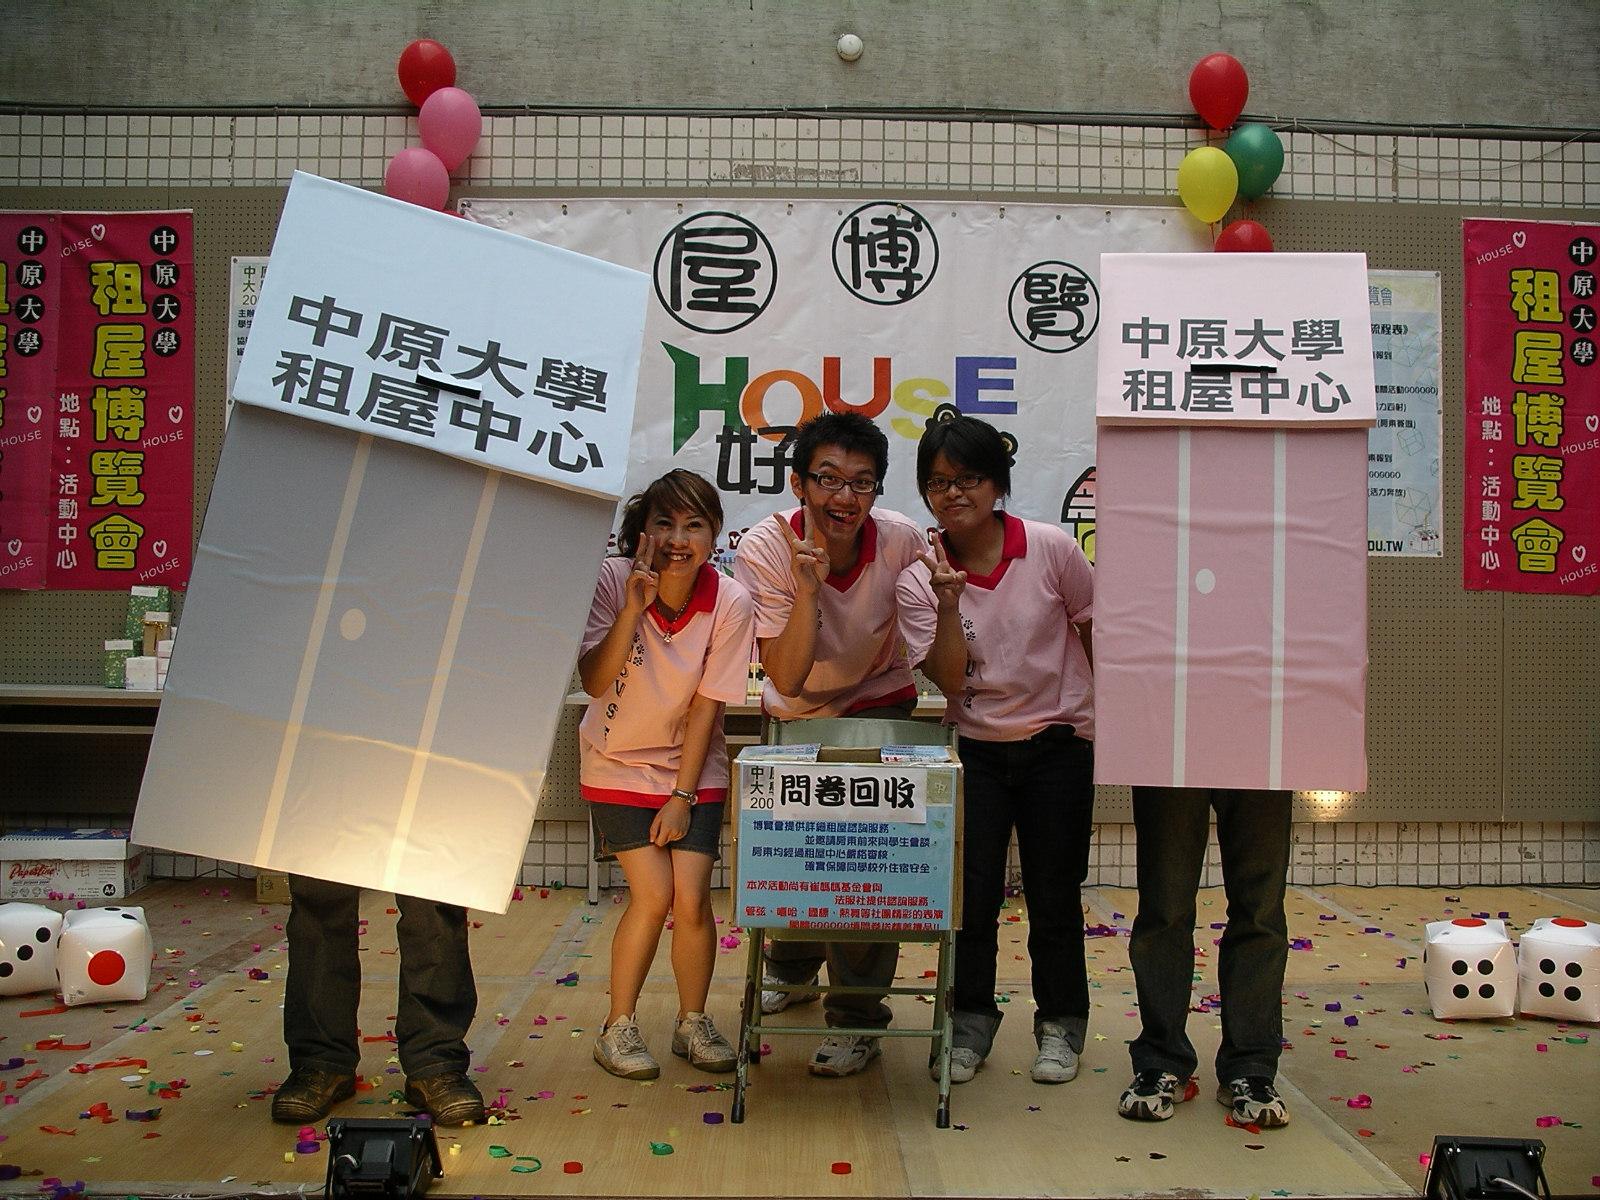 中原租屋博覽會 房東學生面對面